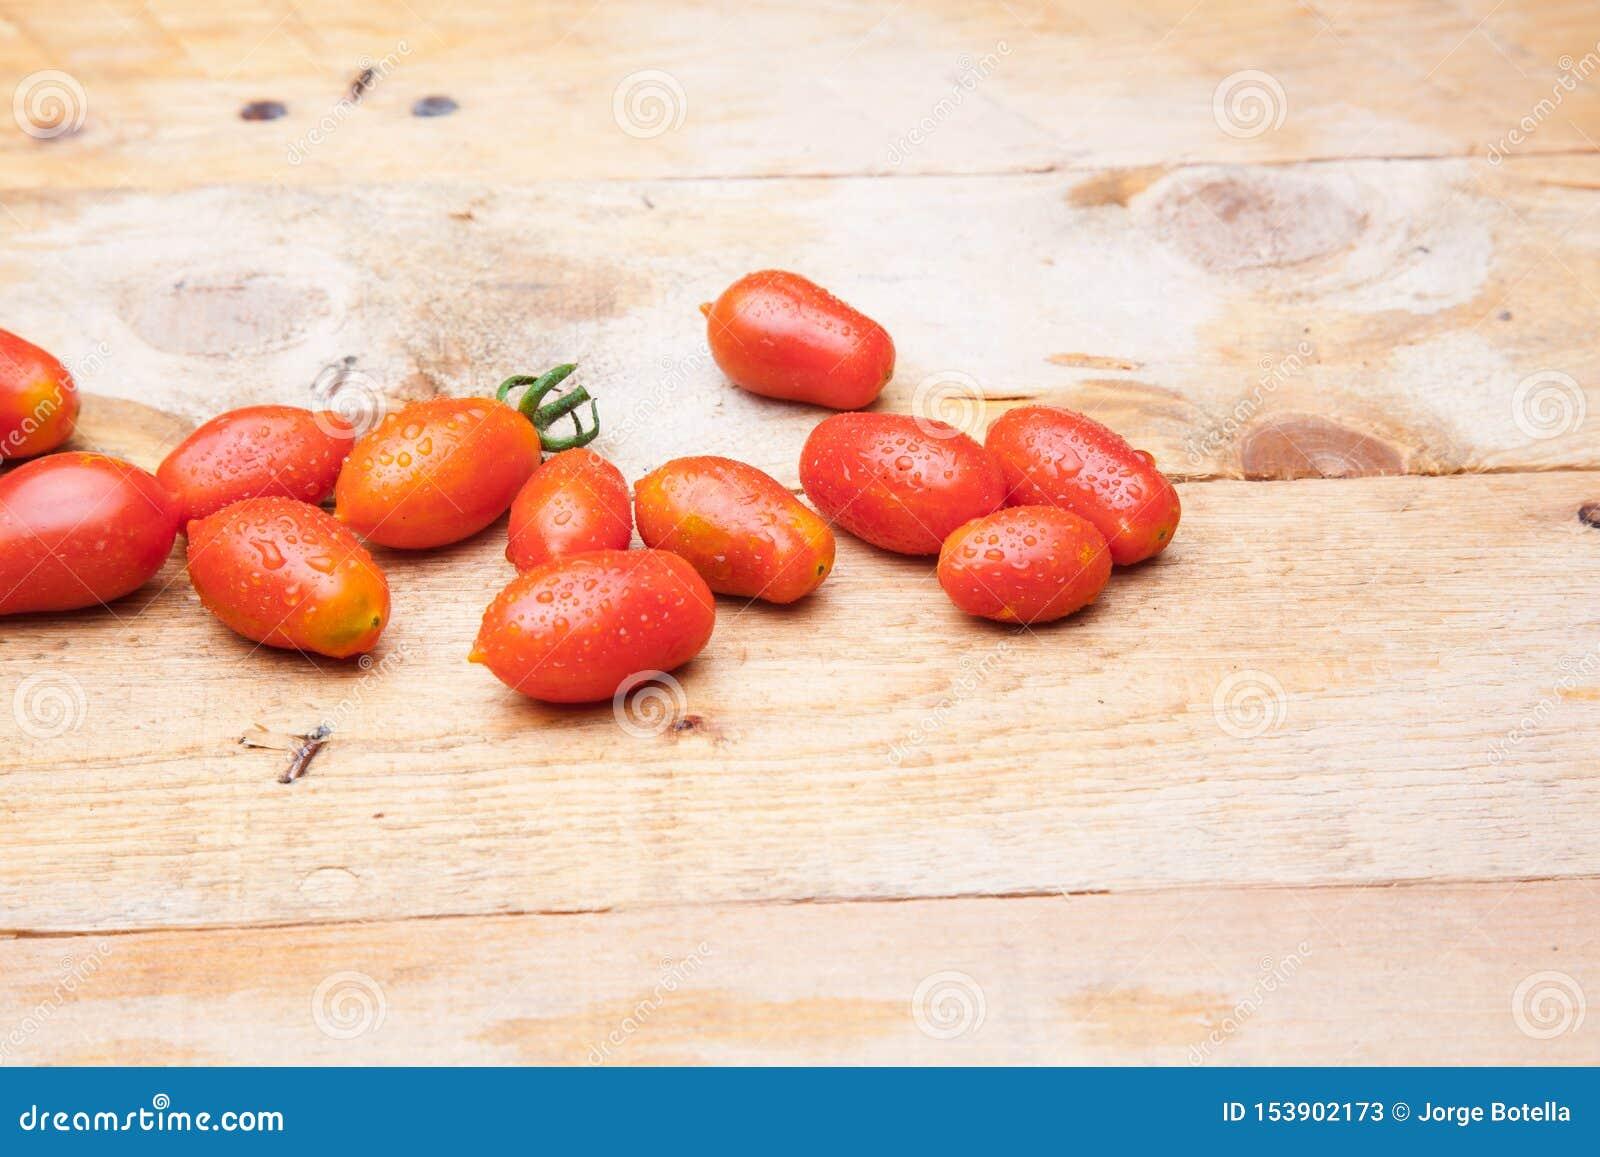 Pomodoro maturo su fondo di legno